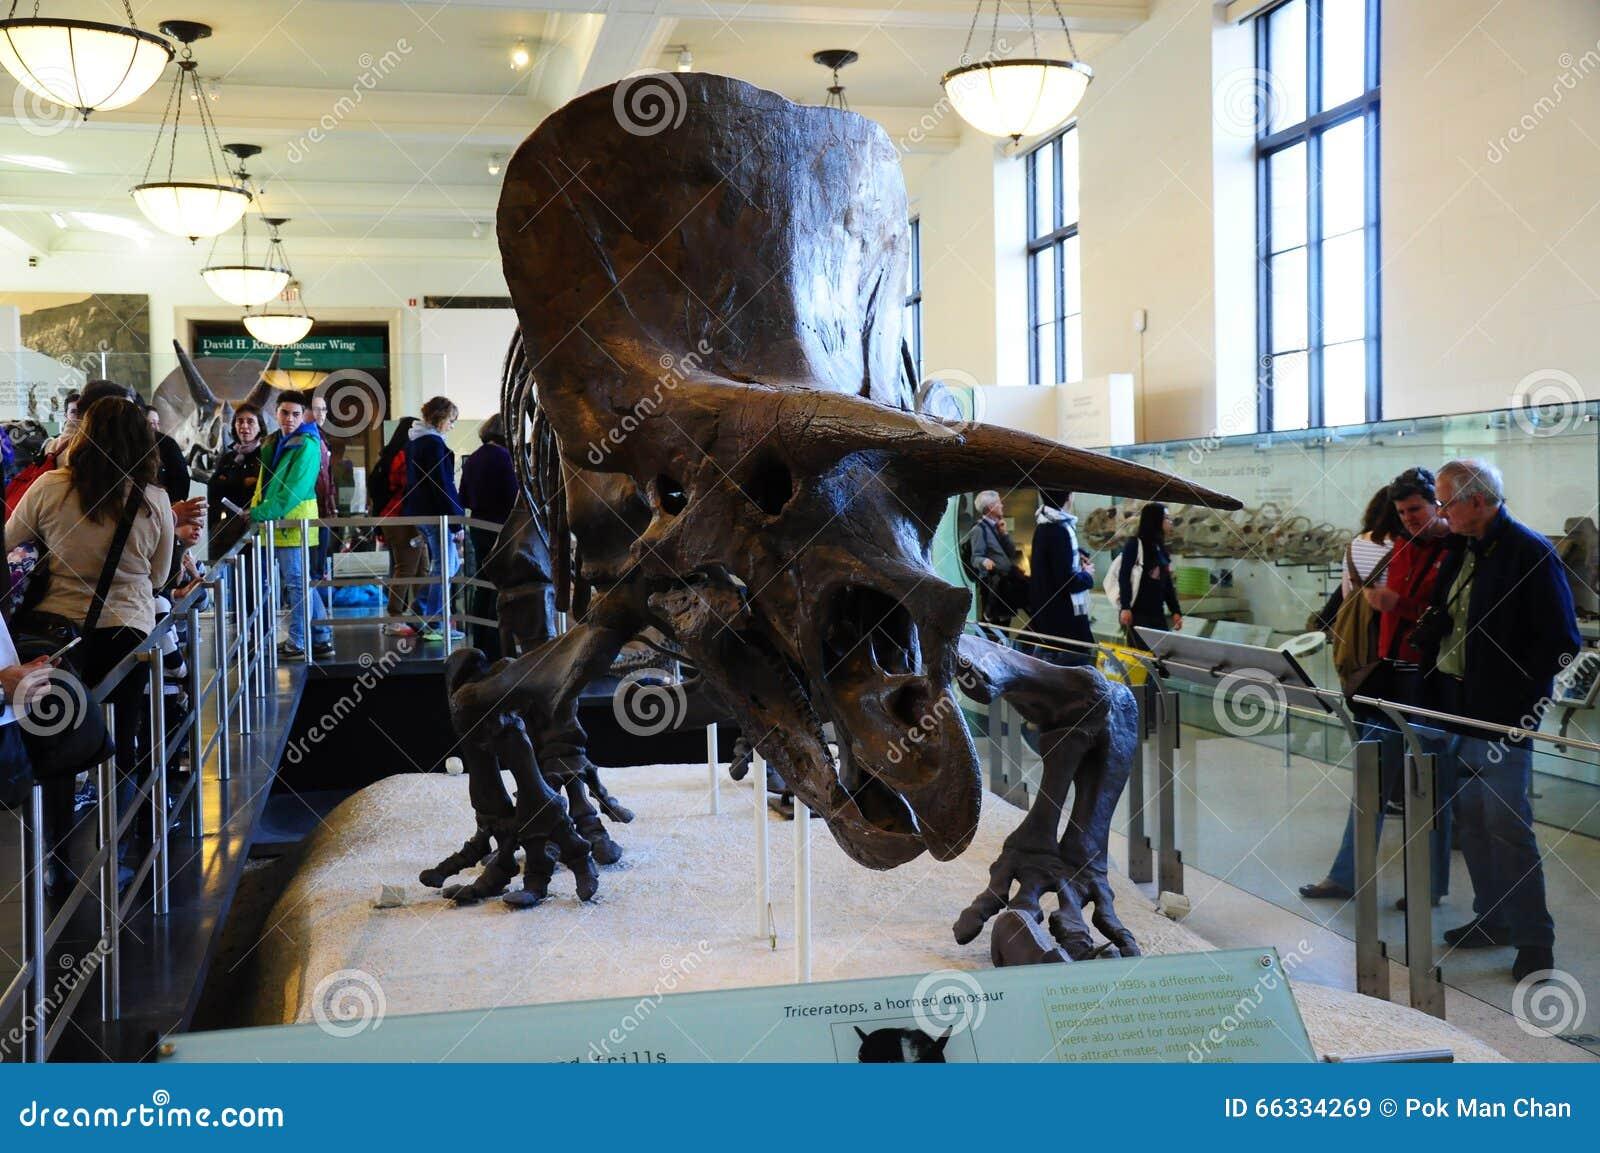 Natural History Nyc Dinosaurs